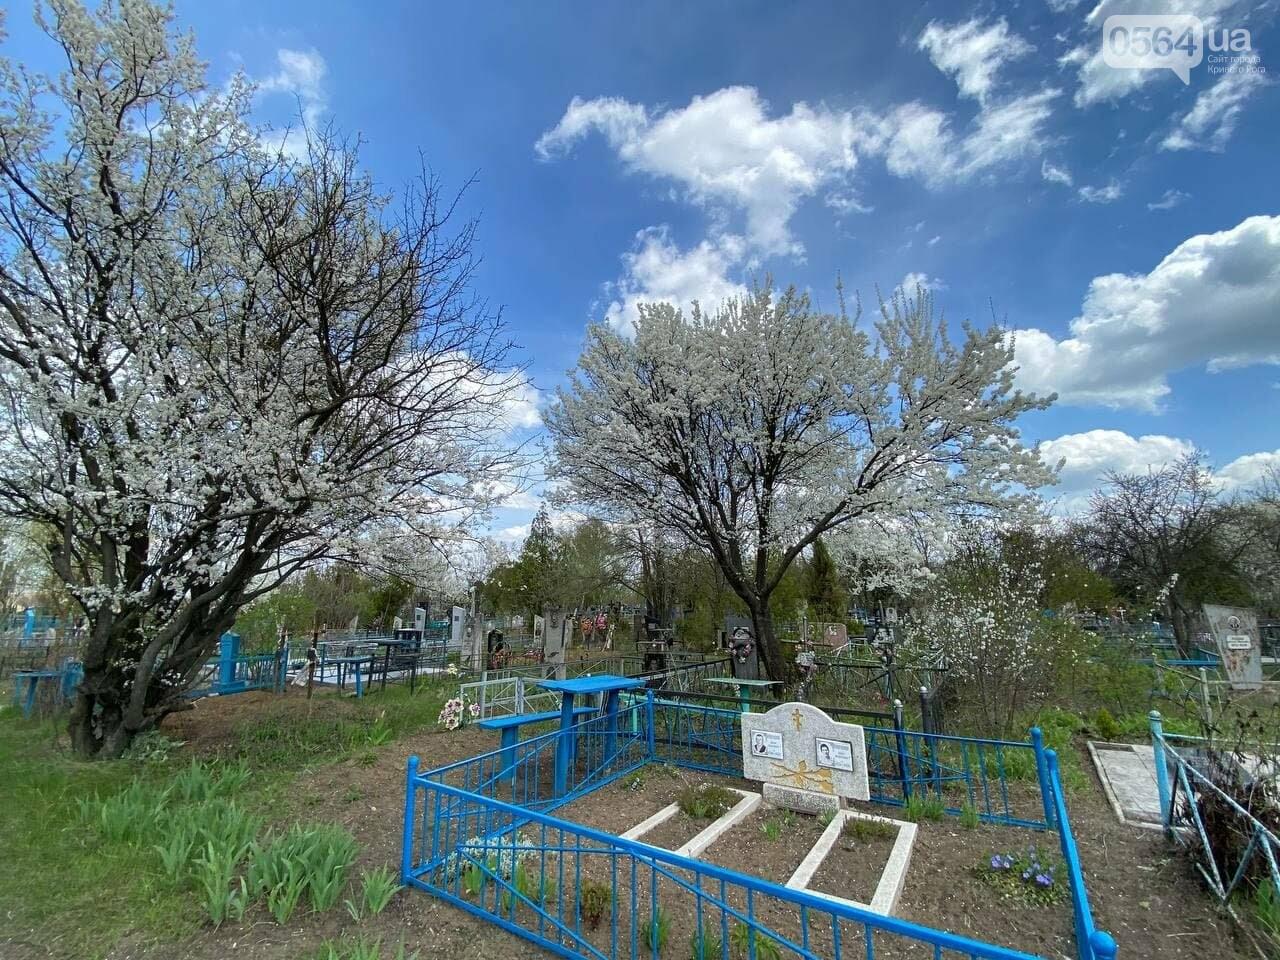 На криворожских кладбищах накануне поминальных дней в усиленном режиме работает спецтехника, - ФОТО, ВИДЕО , фото-21